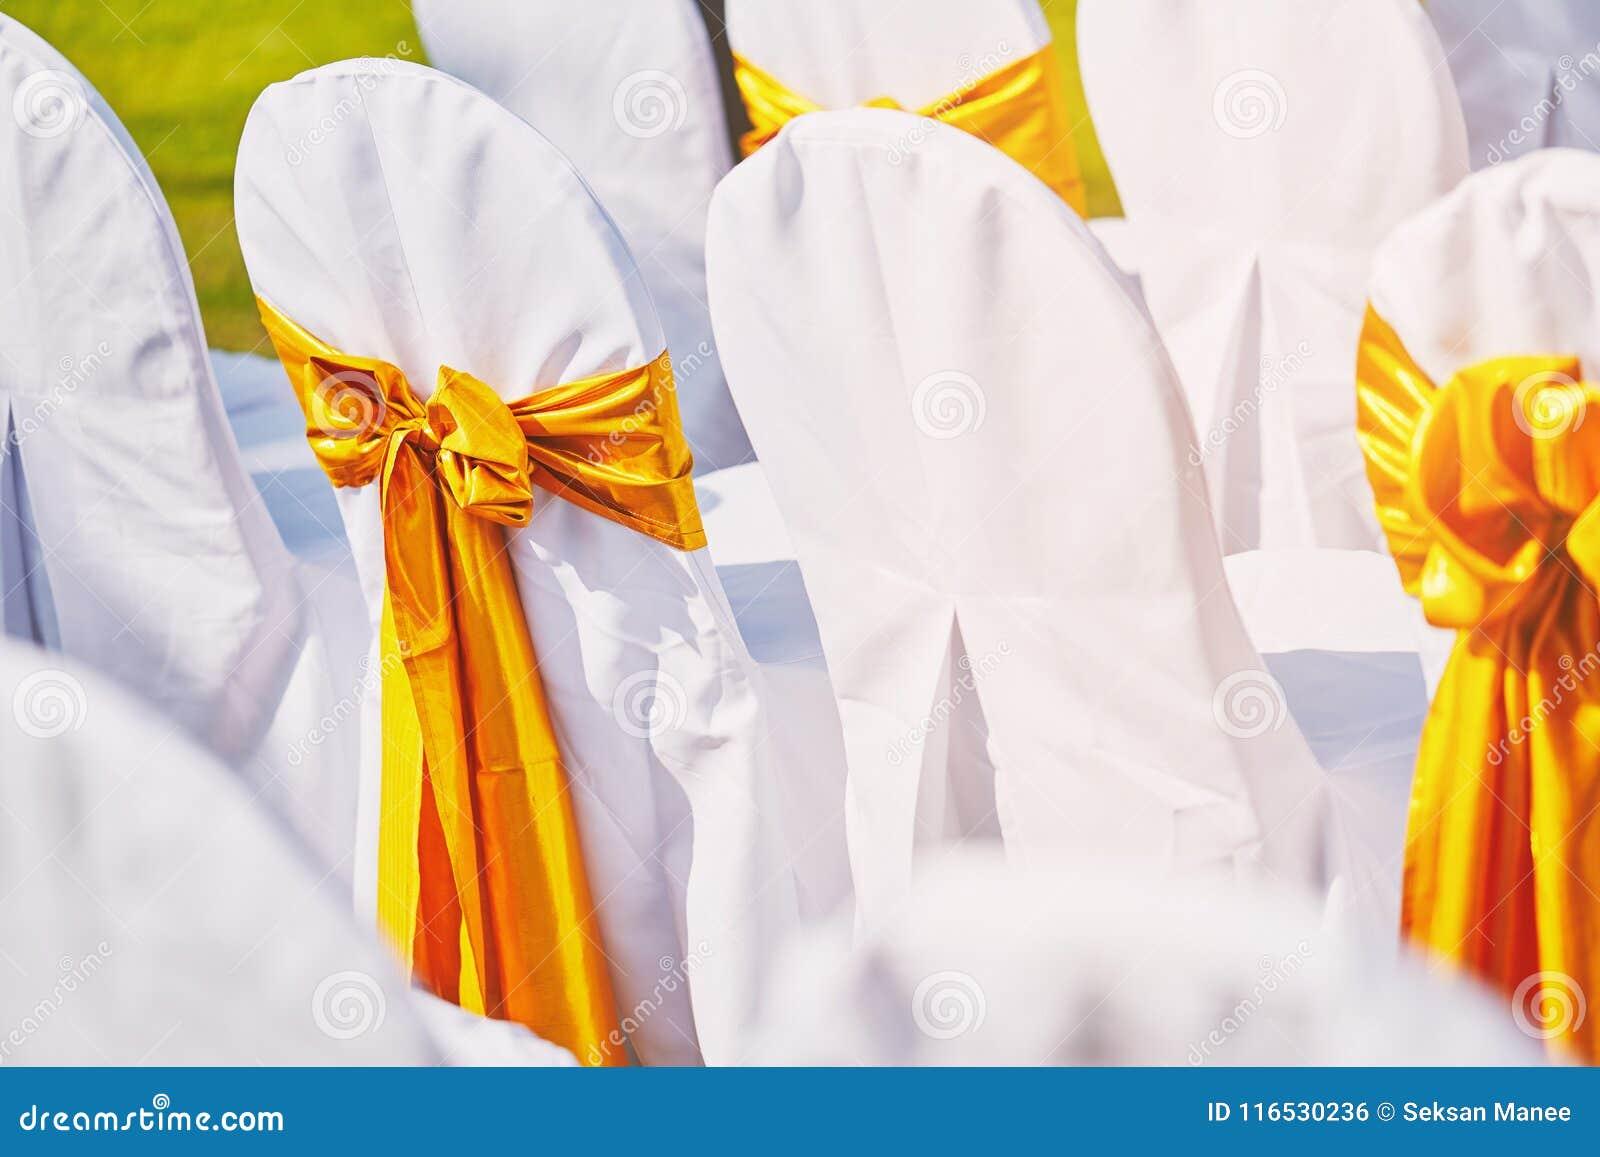 婚礼主持婚姻的地点的安排用与金透明硬沙的白色织物覆盖系数装饰